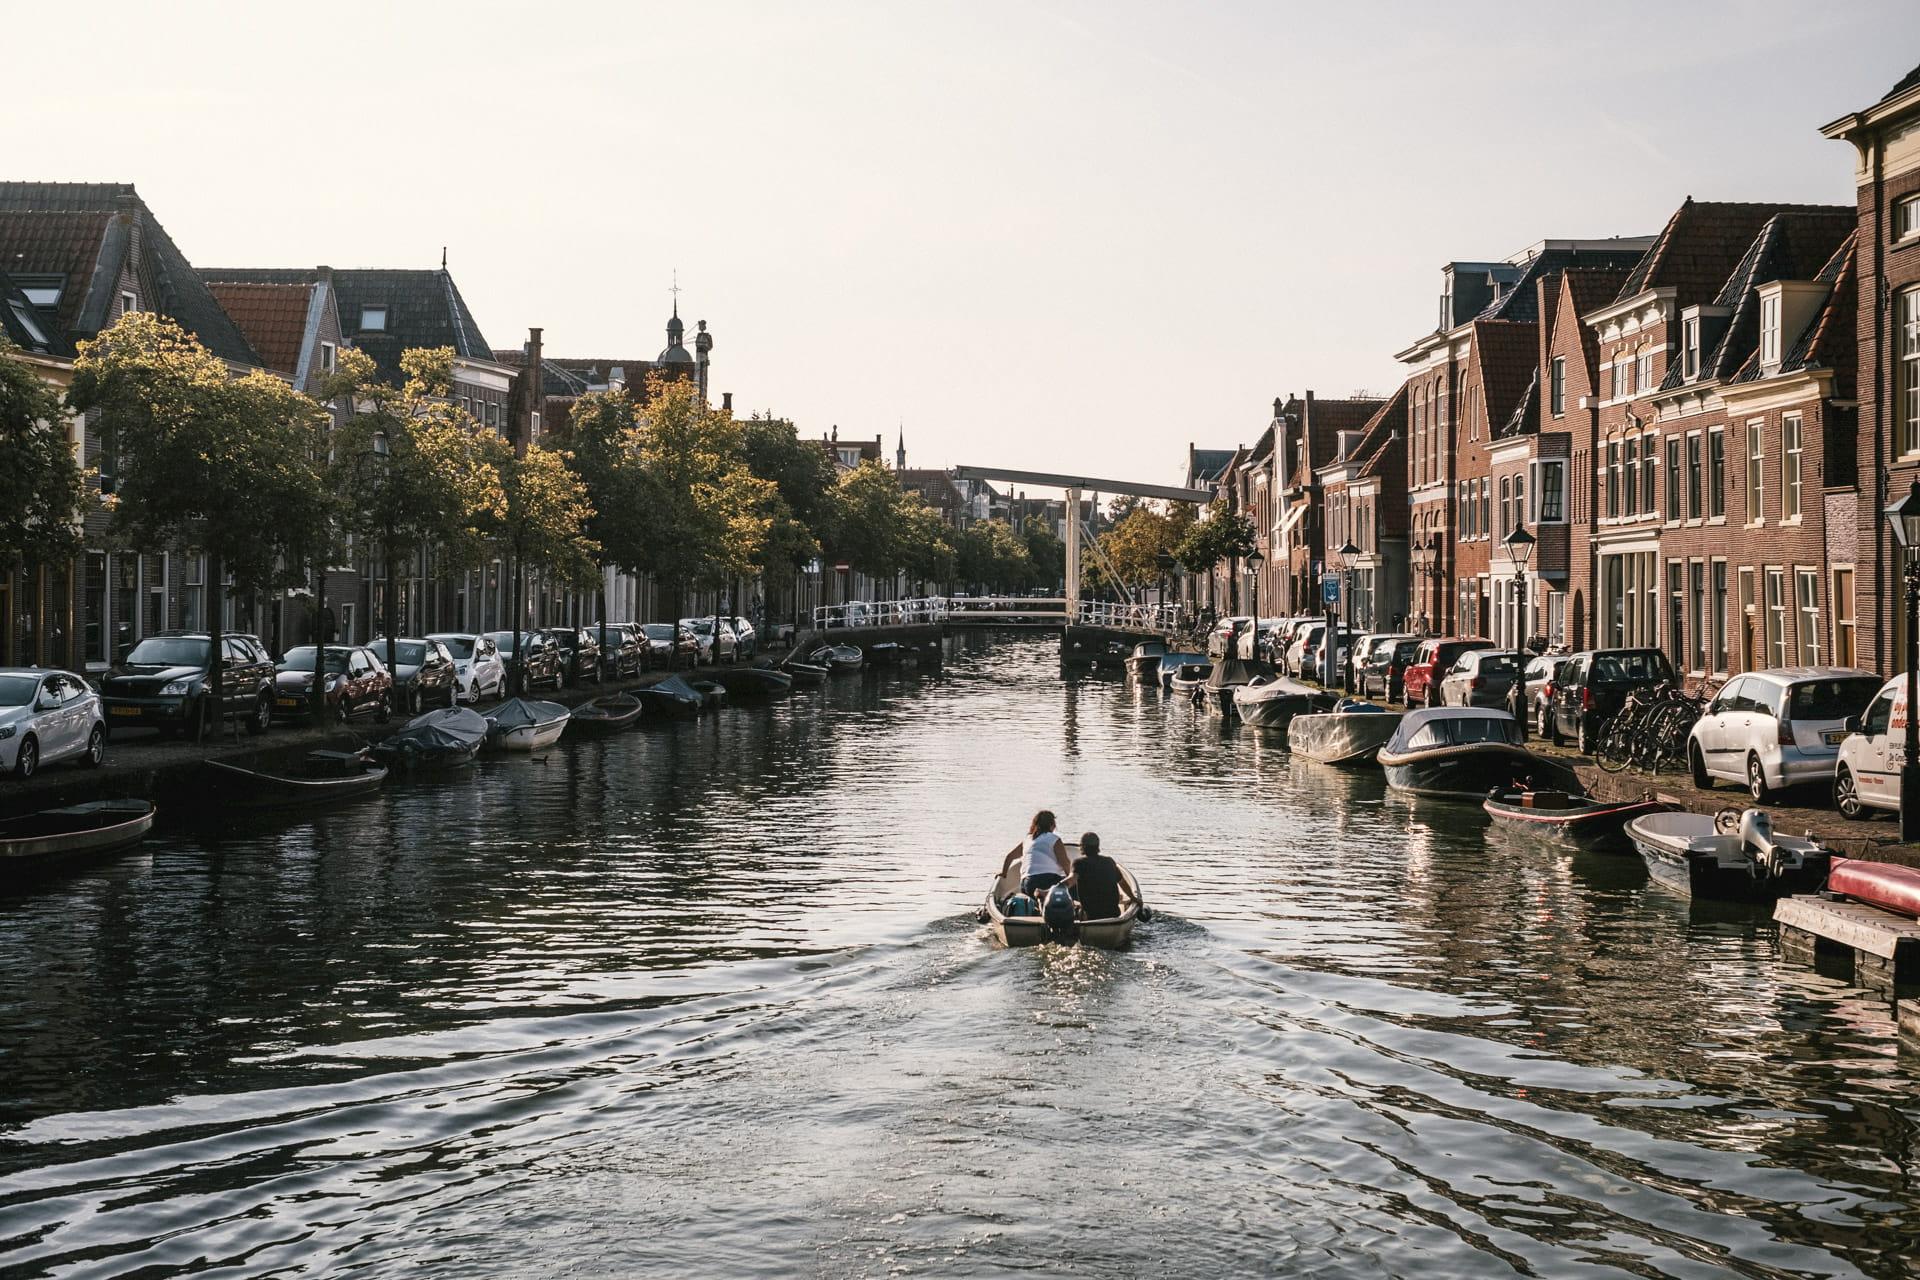 Alkmaar et ses canaux dans le centre-ville